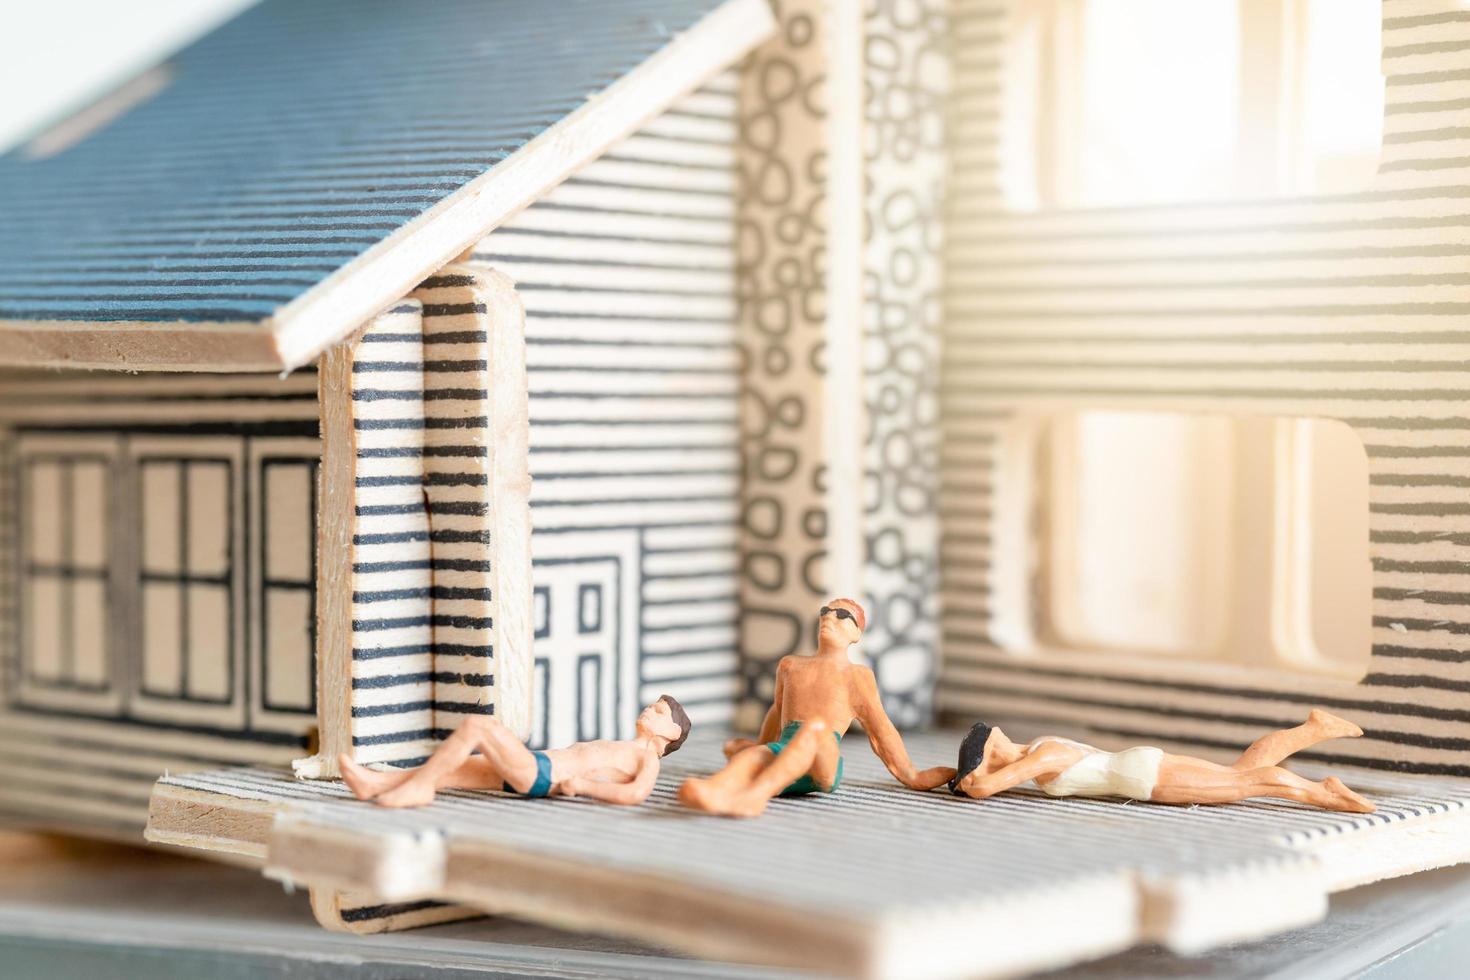 personnes miniatures restant à la maison faisant l'auto-quarantaine pour éviter le coronavirus, rester à la maison photo